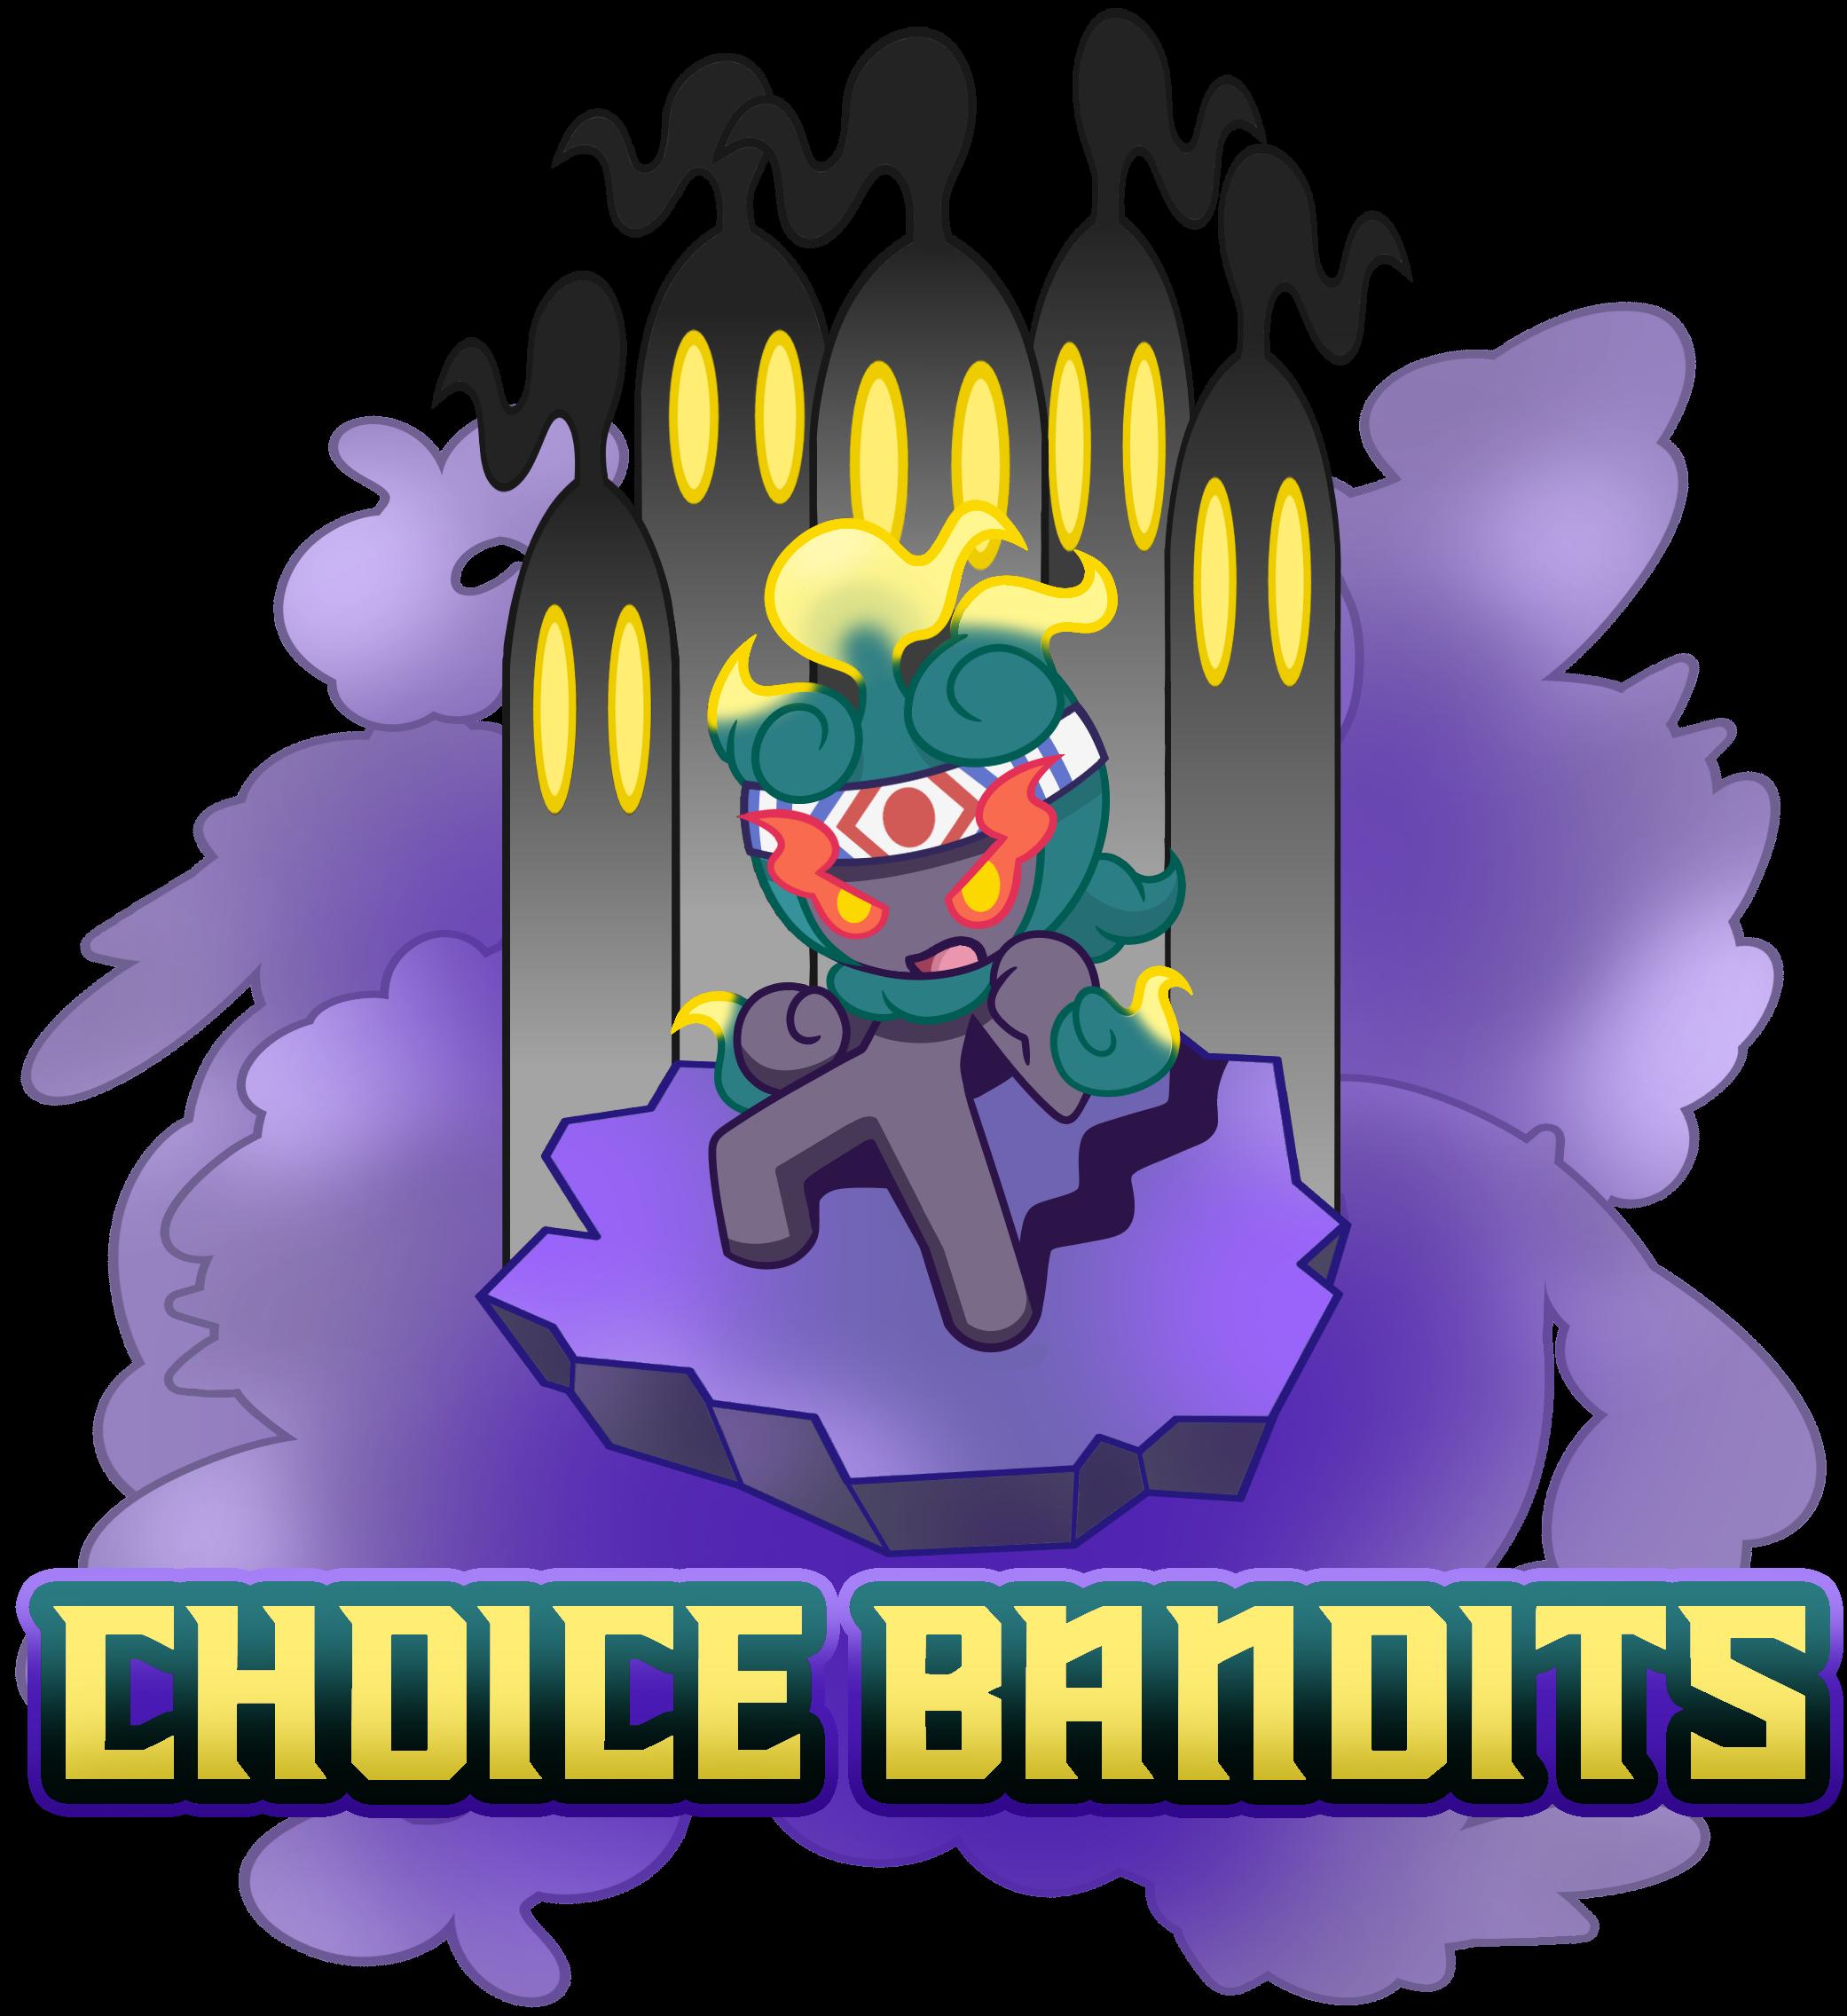 Choice_bandit.png